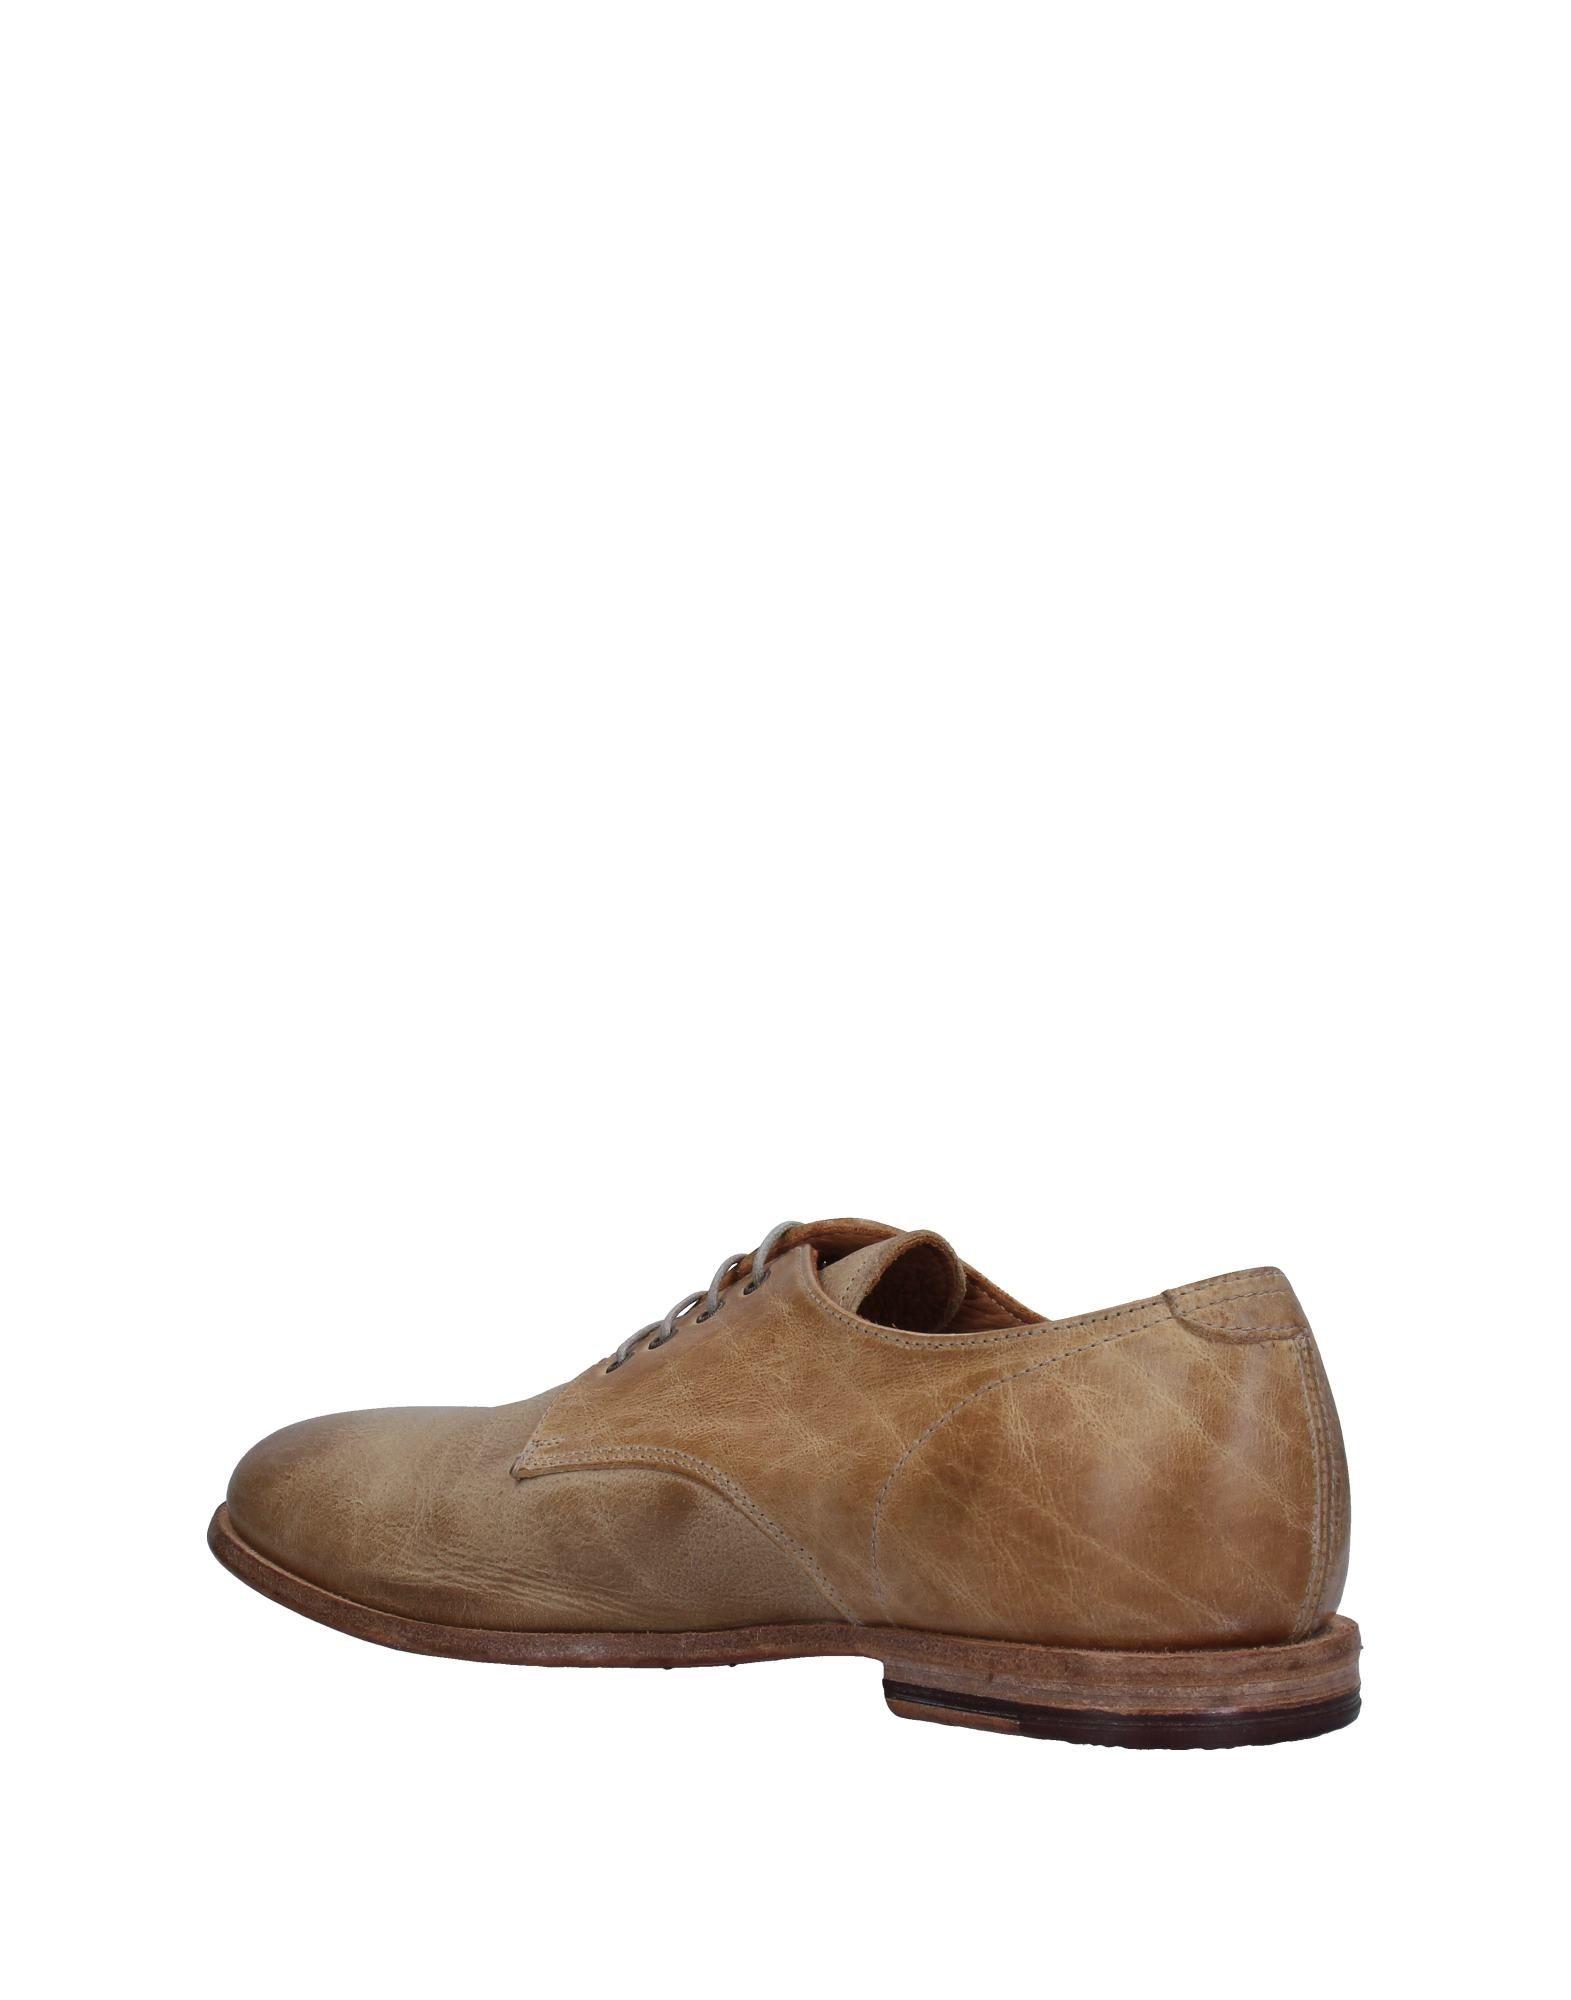 Moma Schuhe Schnürschuhe Herren  11327152IE Gute Qualität beliebte Schuhe Moma 8bf8c4